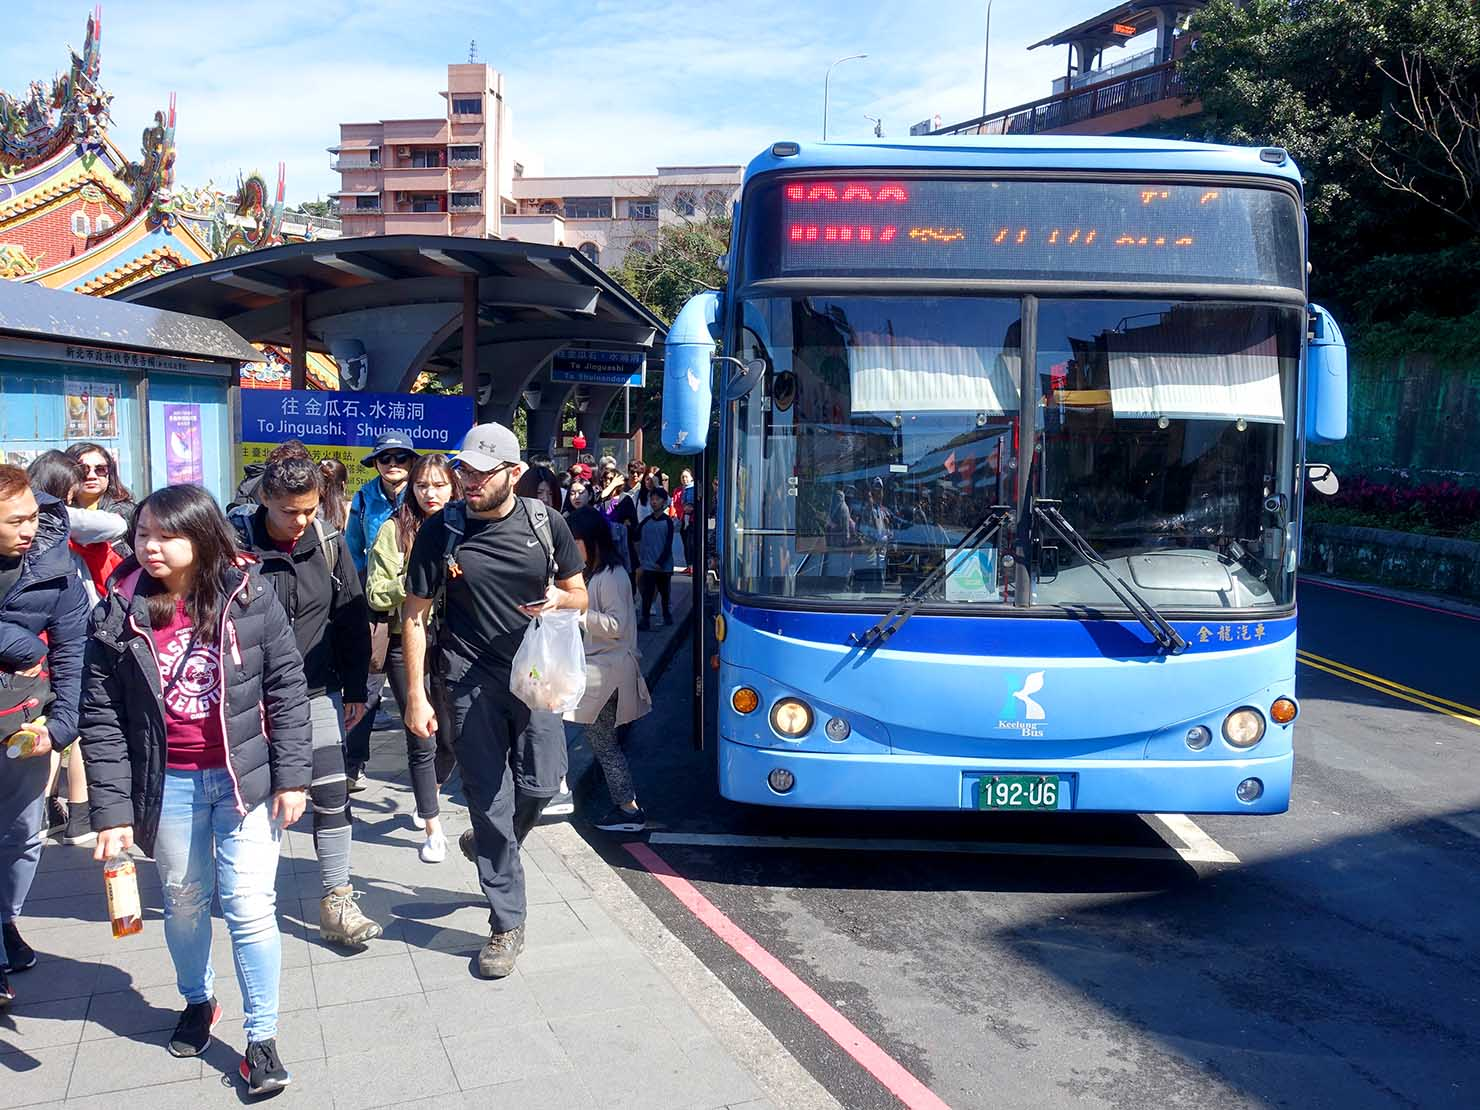 台北・九份のバス停に到着した路線バス